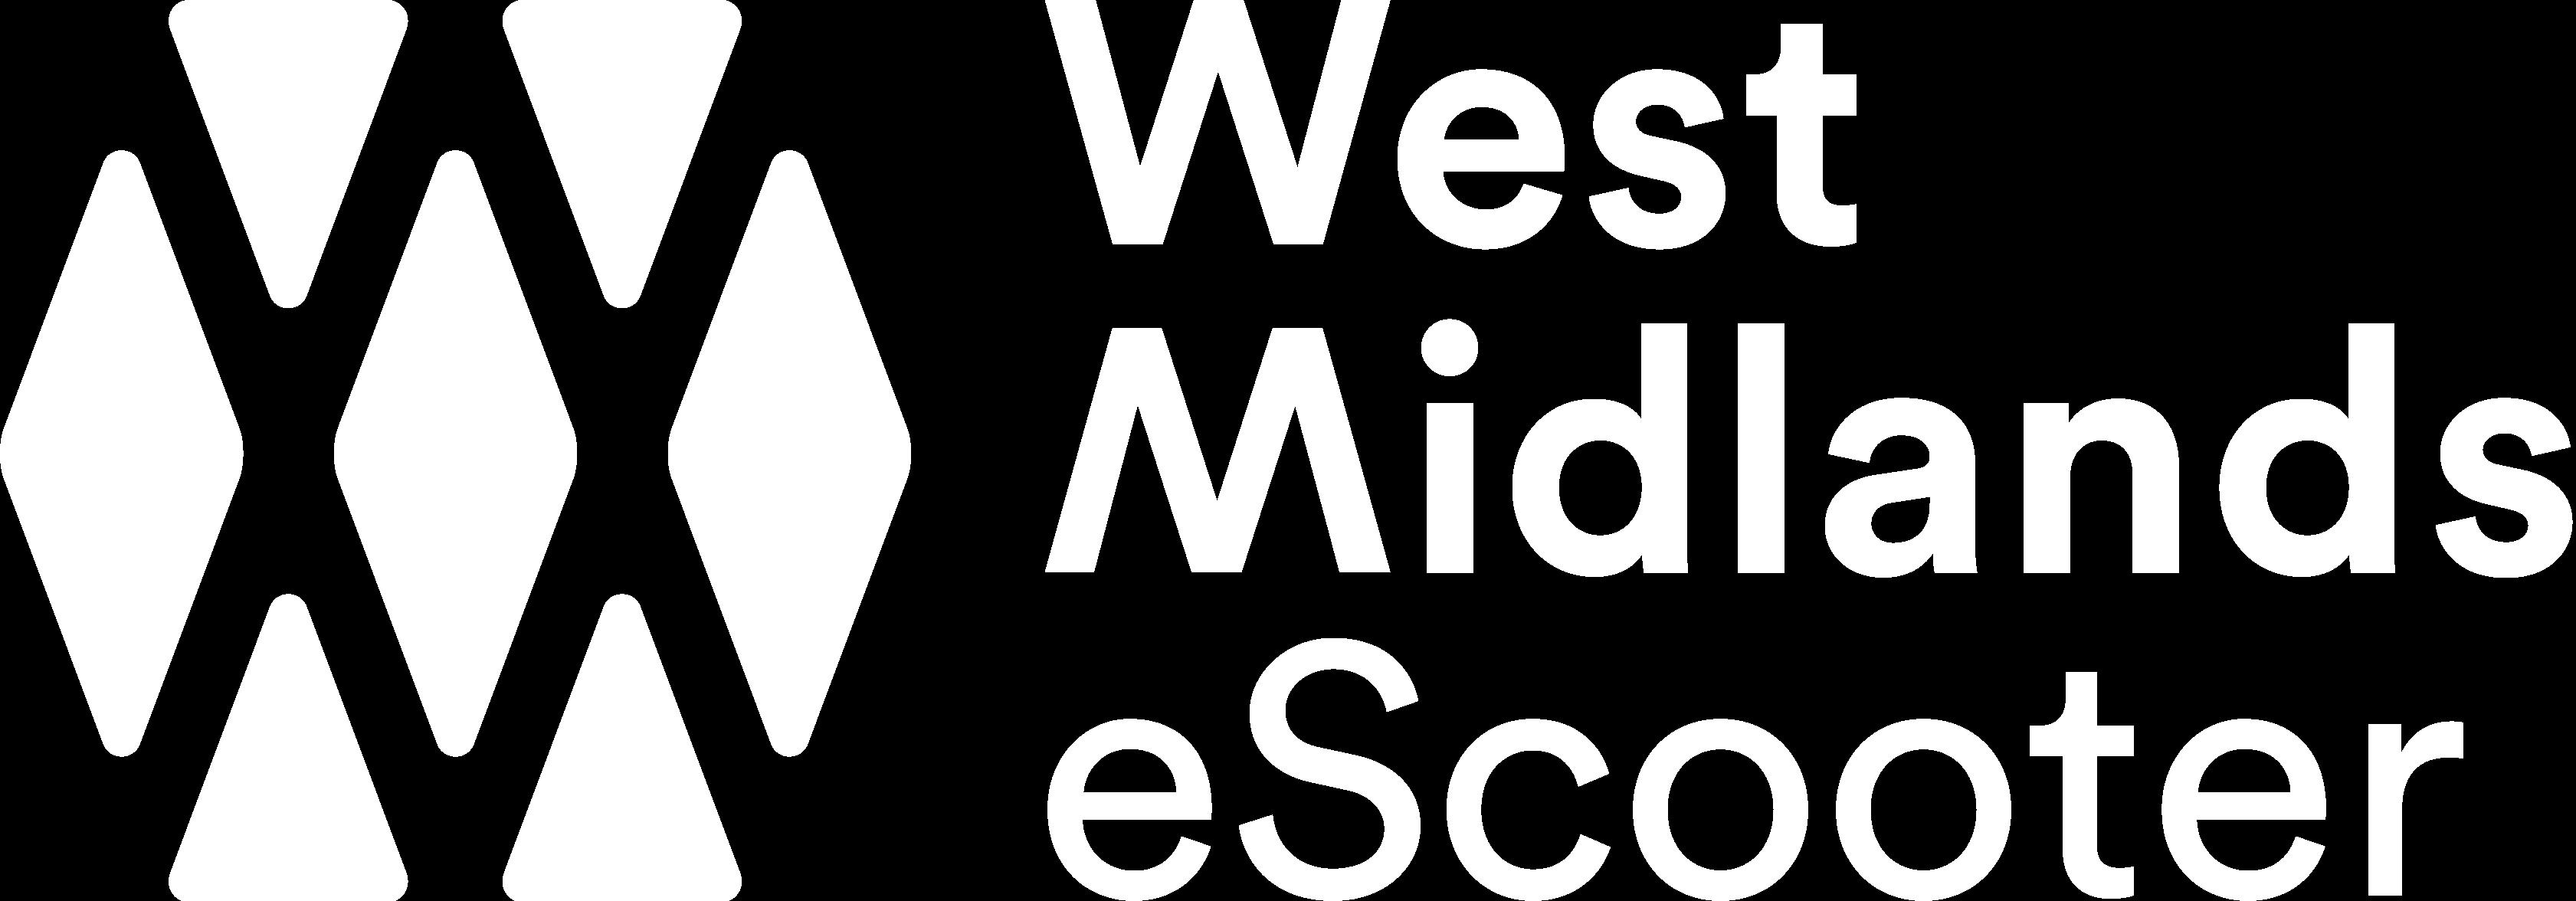 West Midlands eScooter